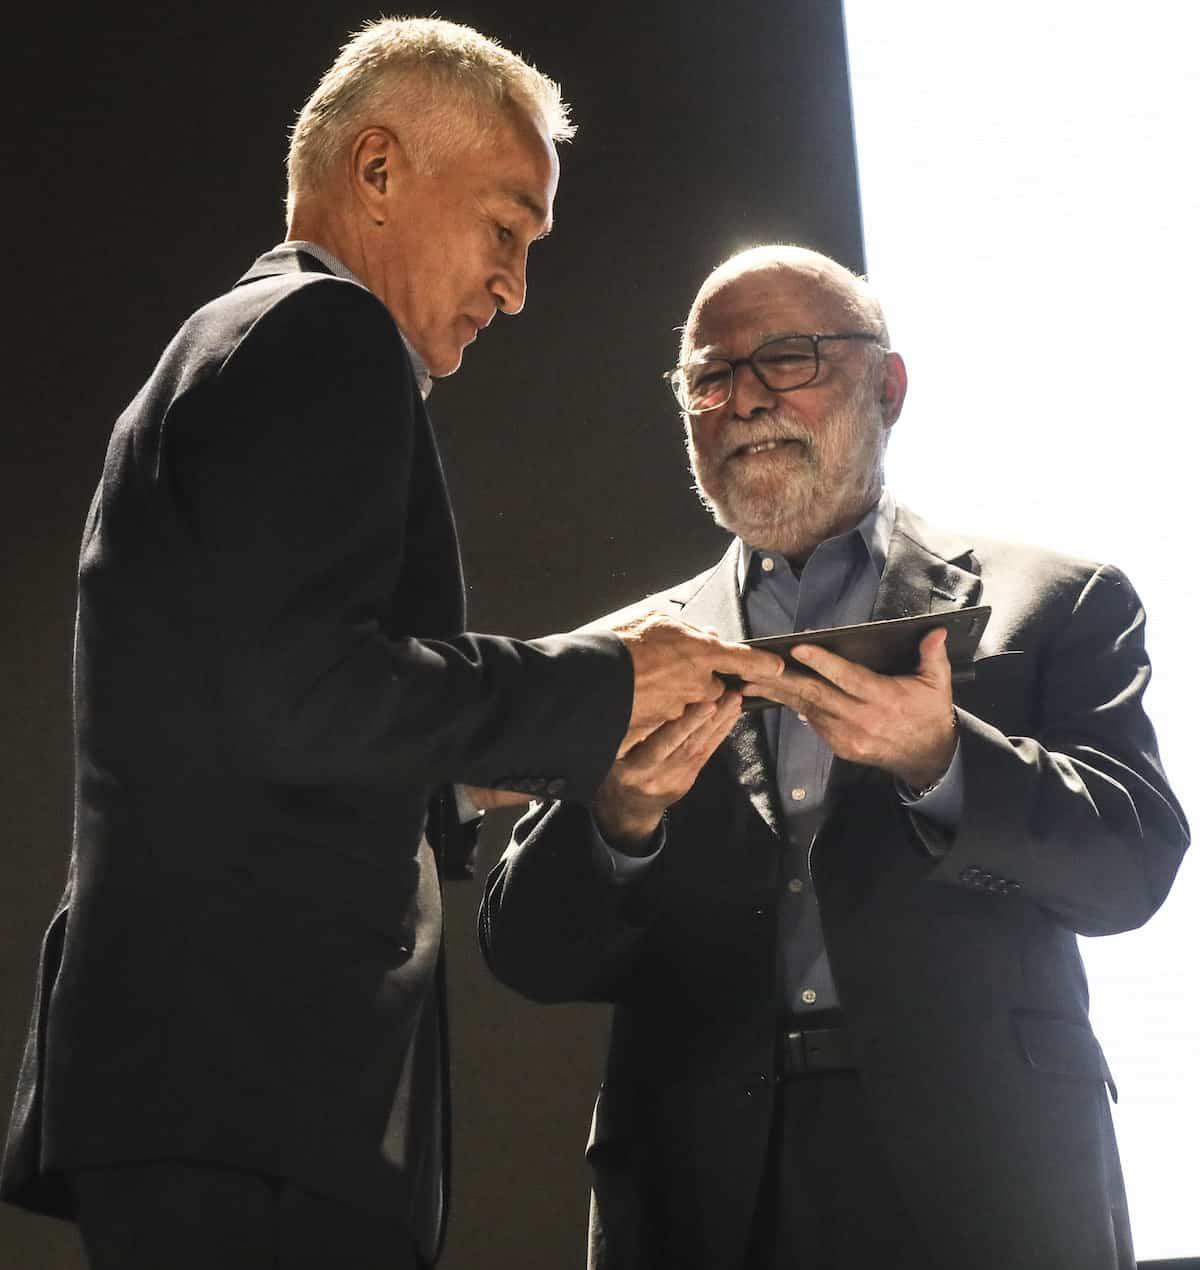 Jorge Ramos y Rosental Alves en la ceremonia del Premio Gabo 2017. Foto: Joaquín Sarmiento / FNPI